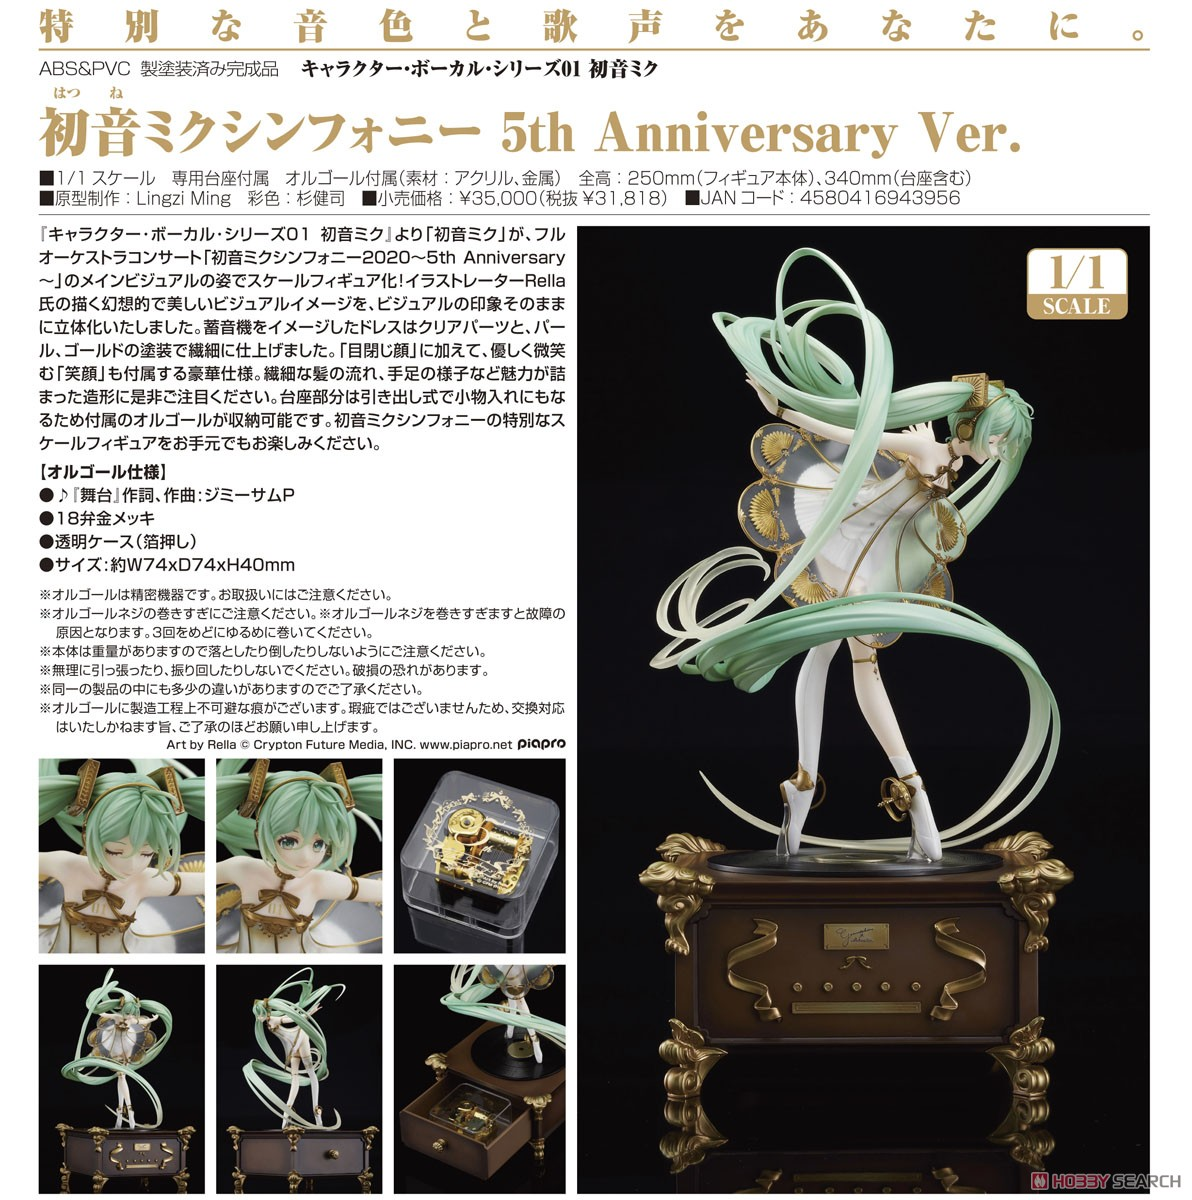 キャラクター・ボーカル・シリーズ01『初音ミクシンフォニー 5th Anniversary Ver.』1/1 完成品フィギュア-014